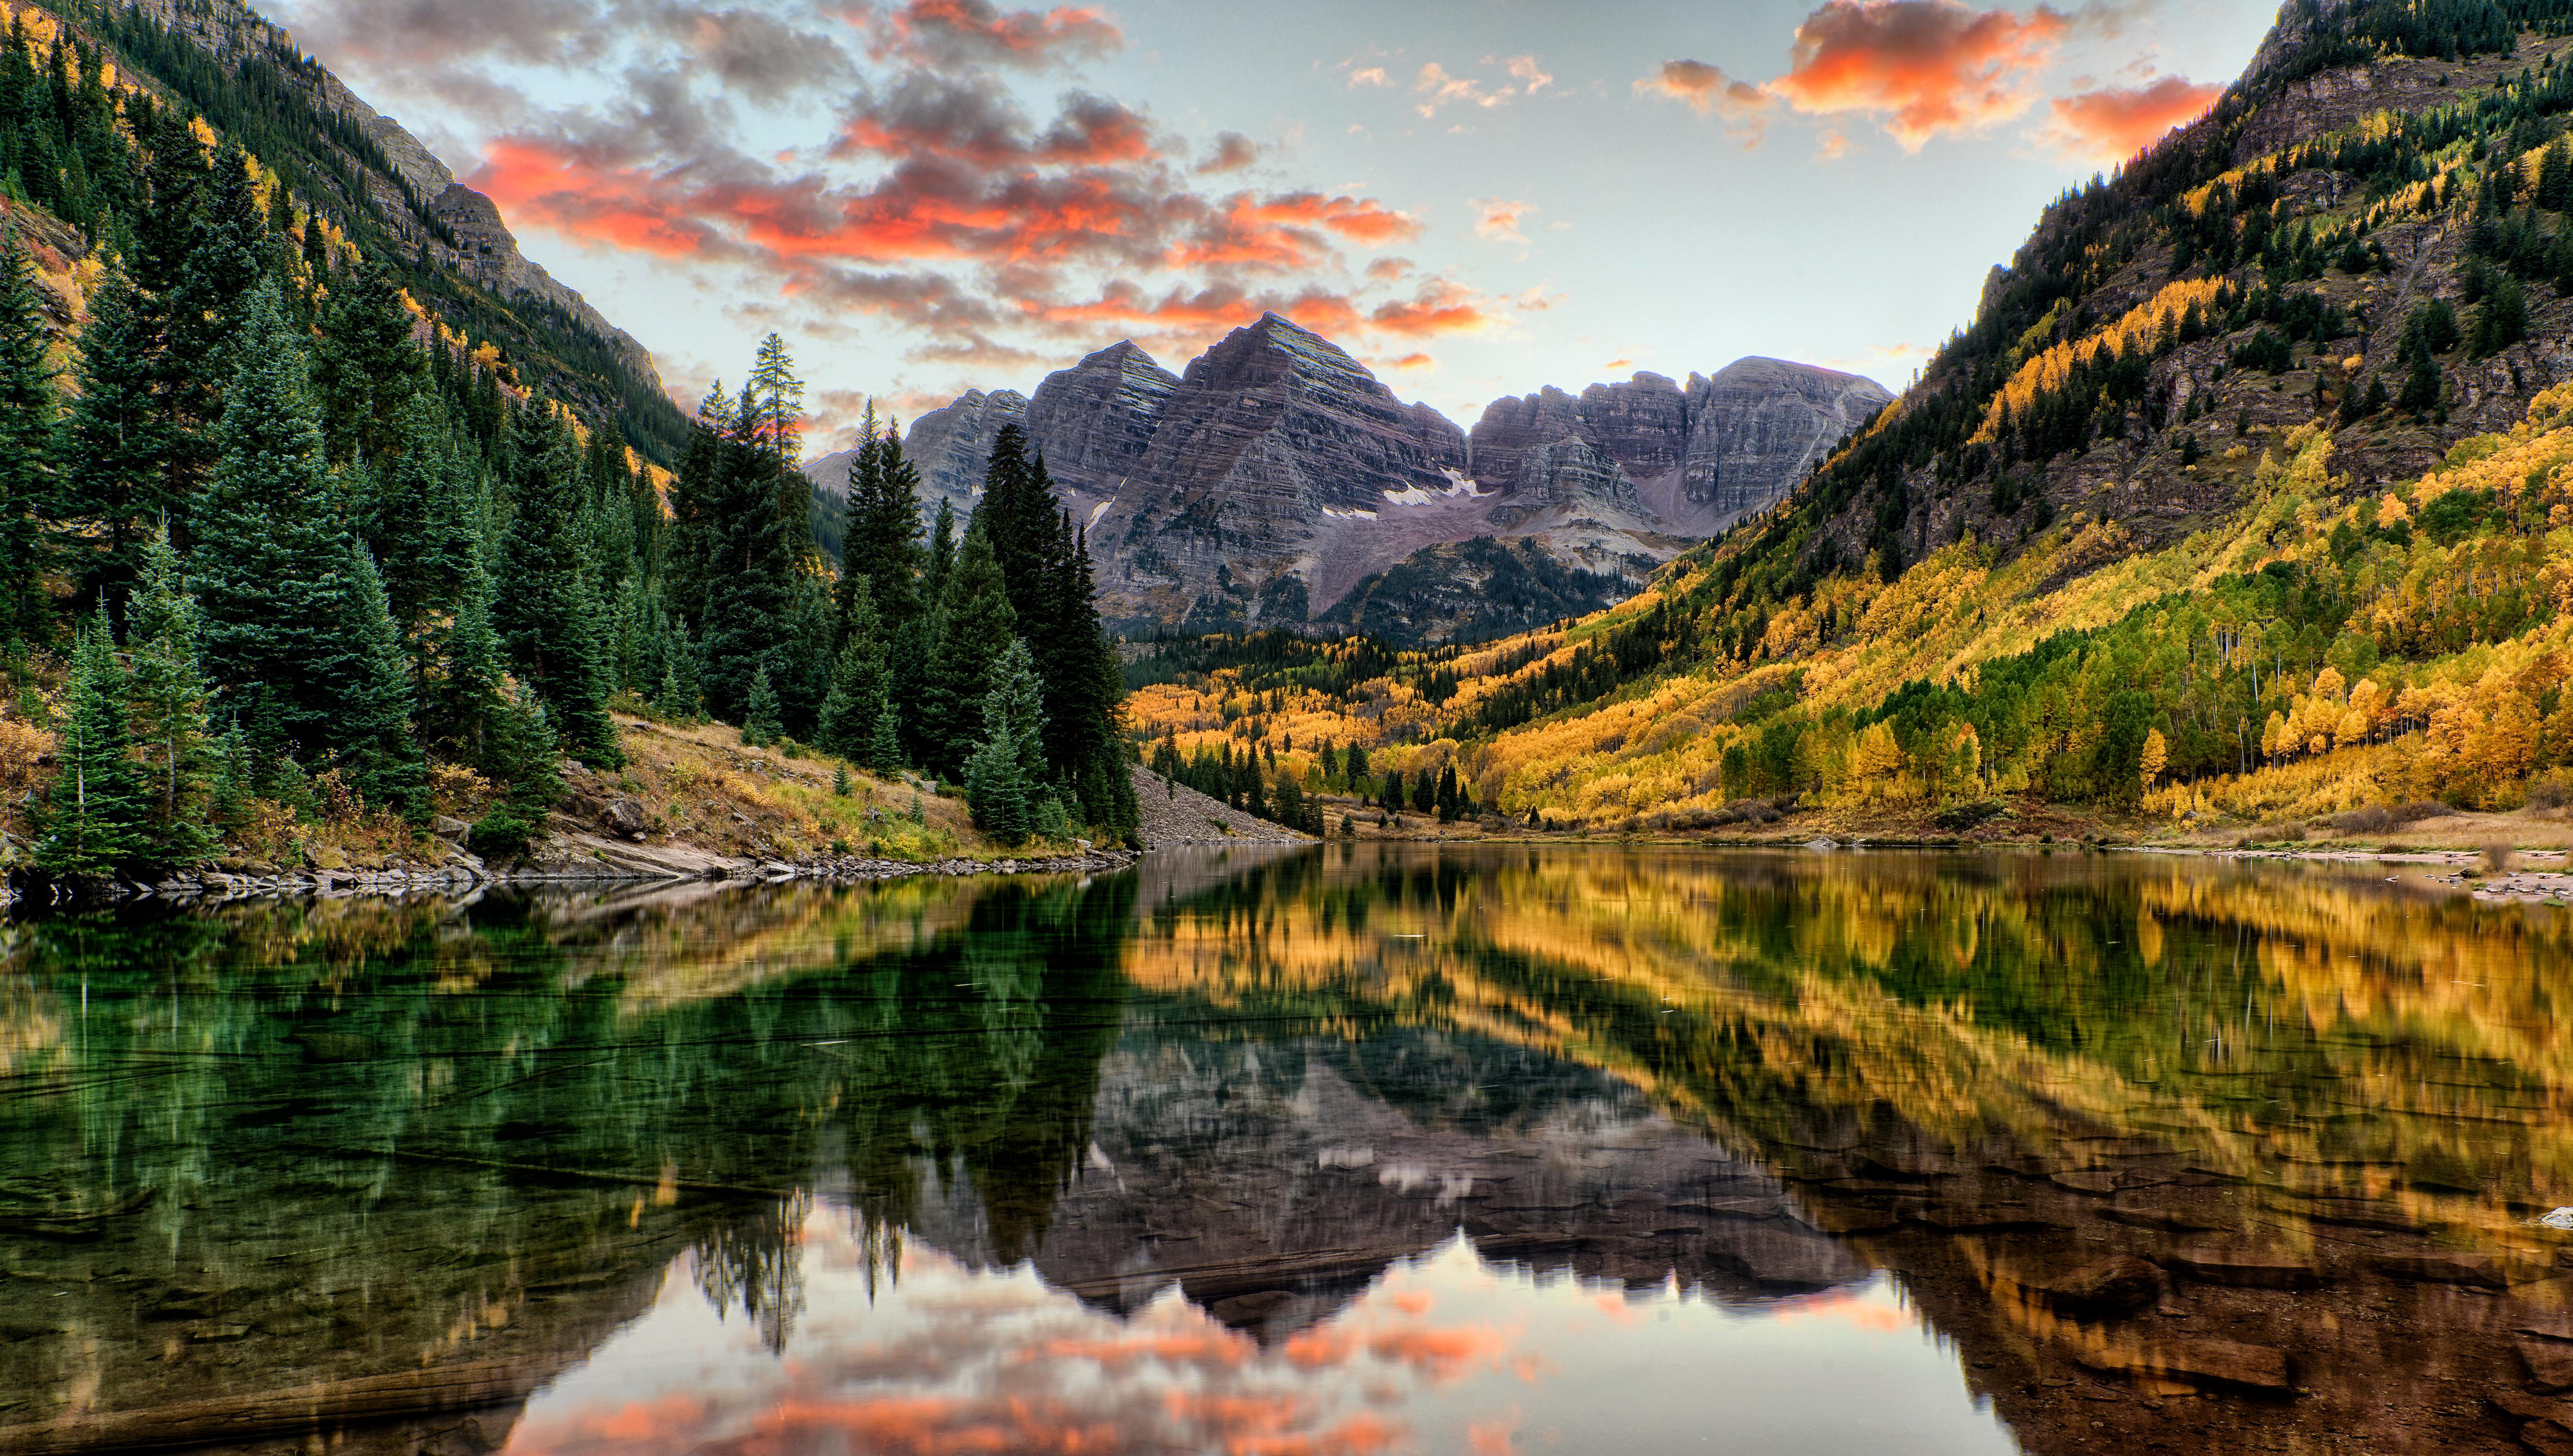 природа озеро деревья отражение горы без смс